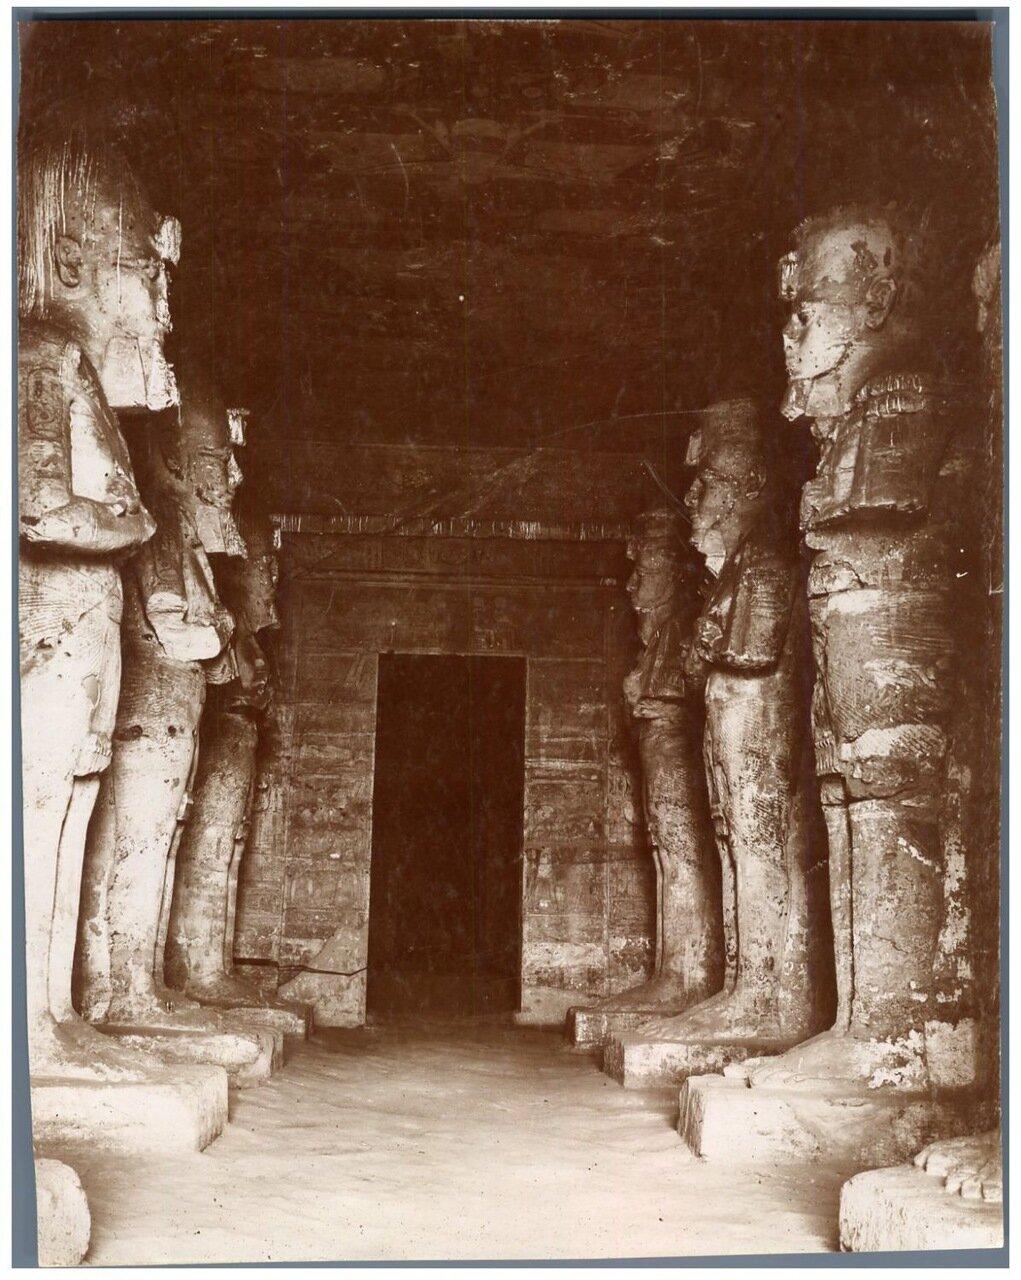 Абу-Симбел. 1880-е